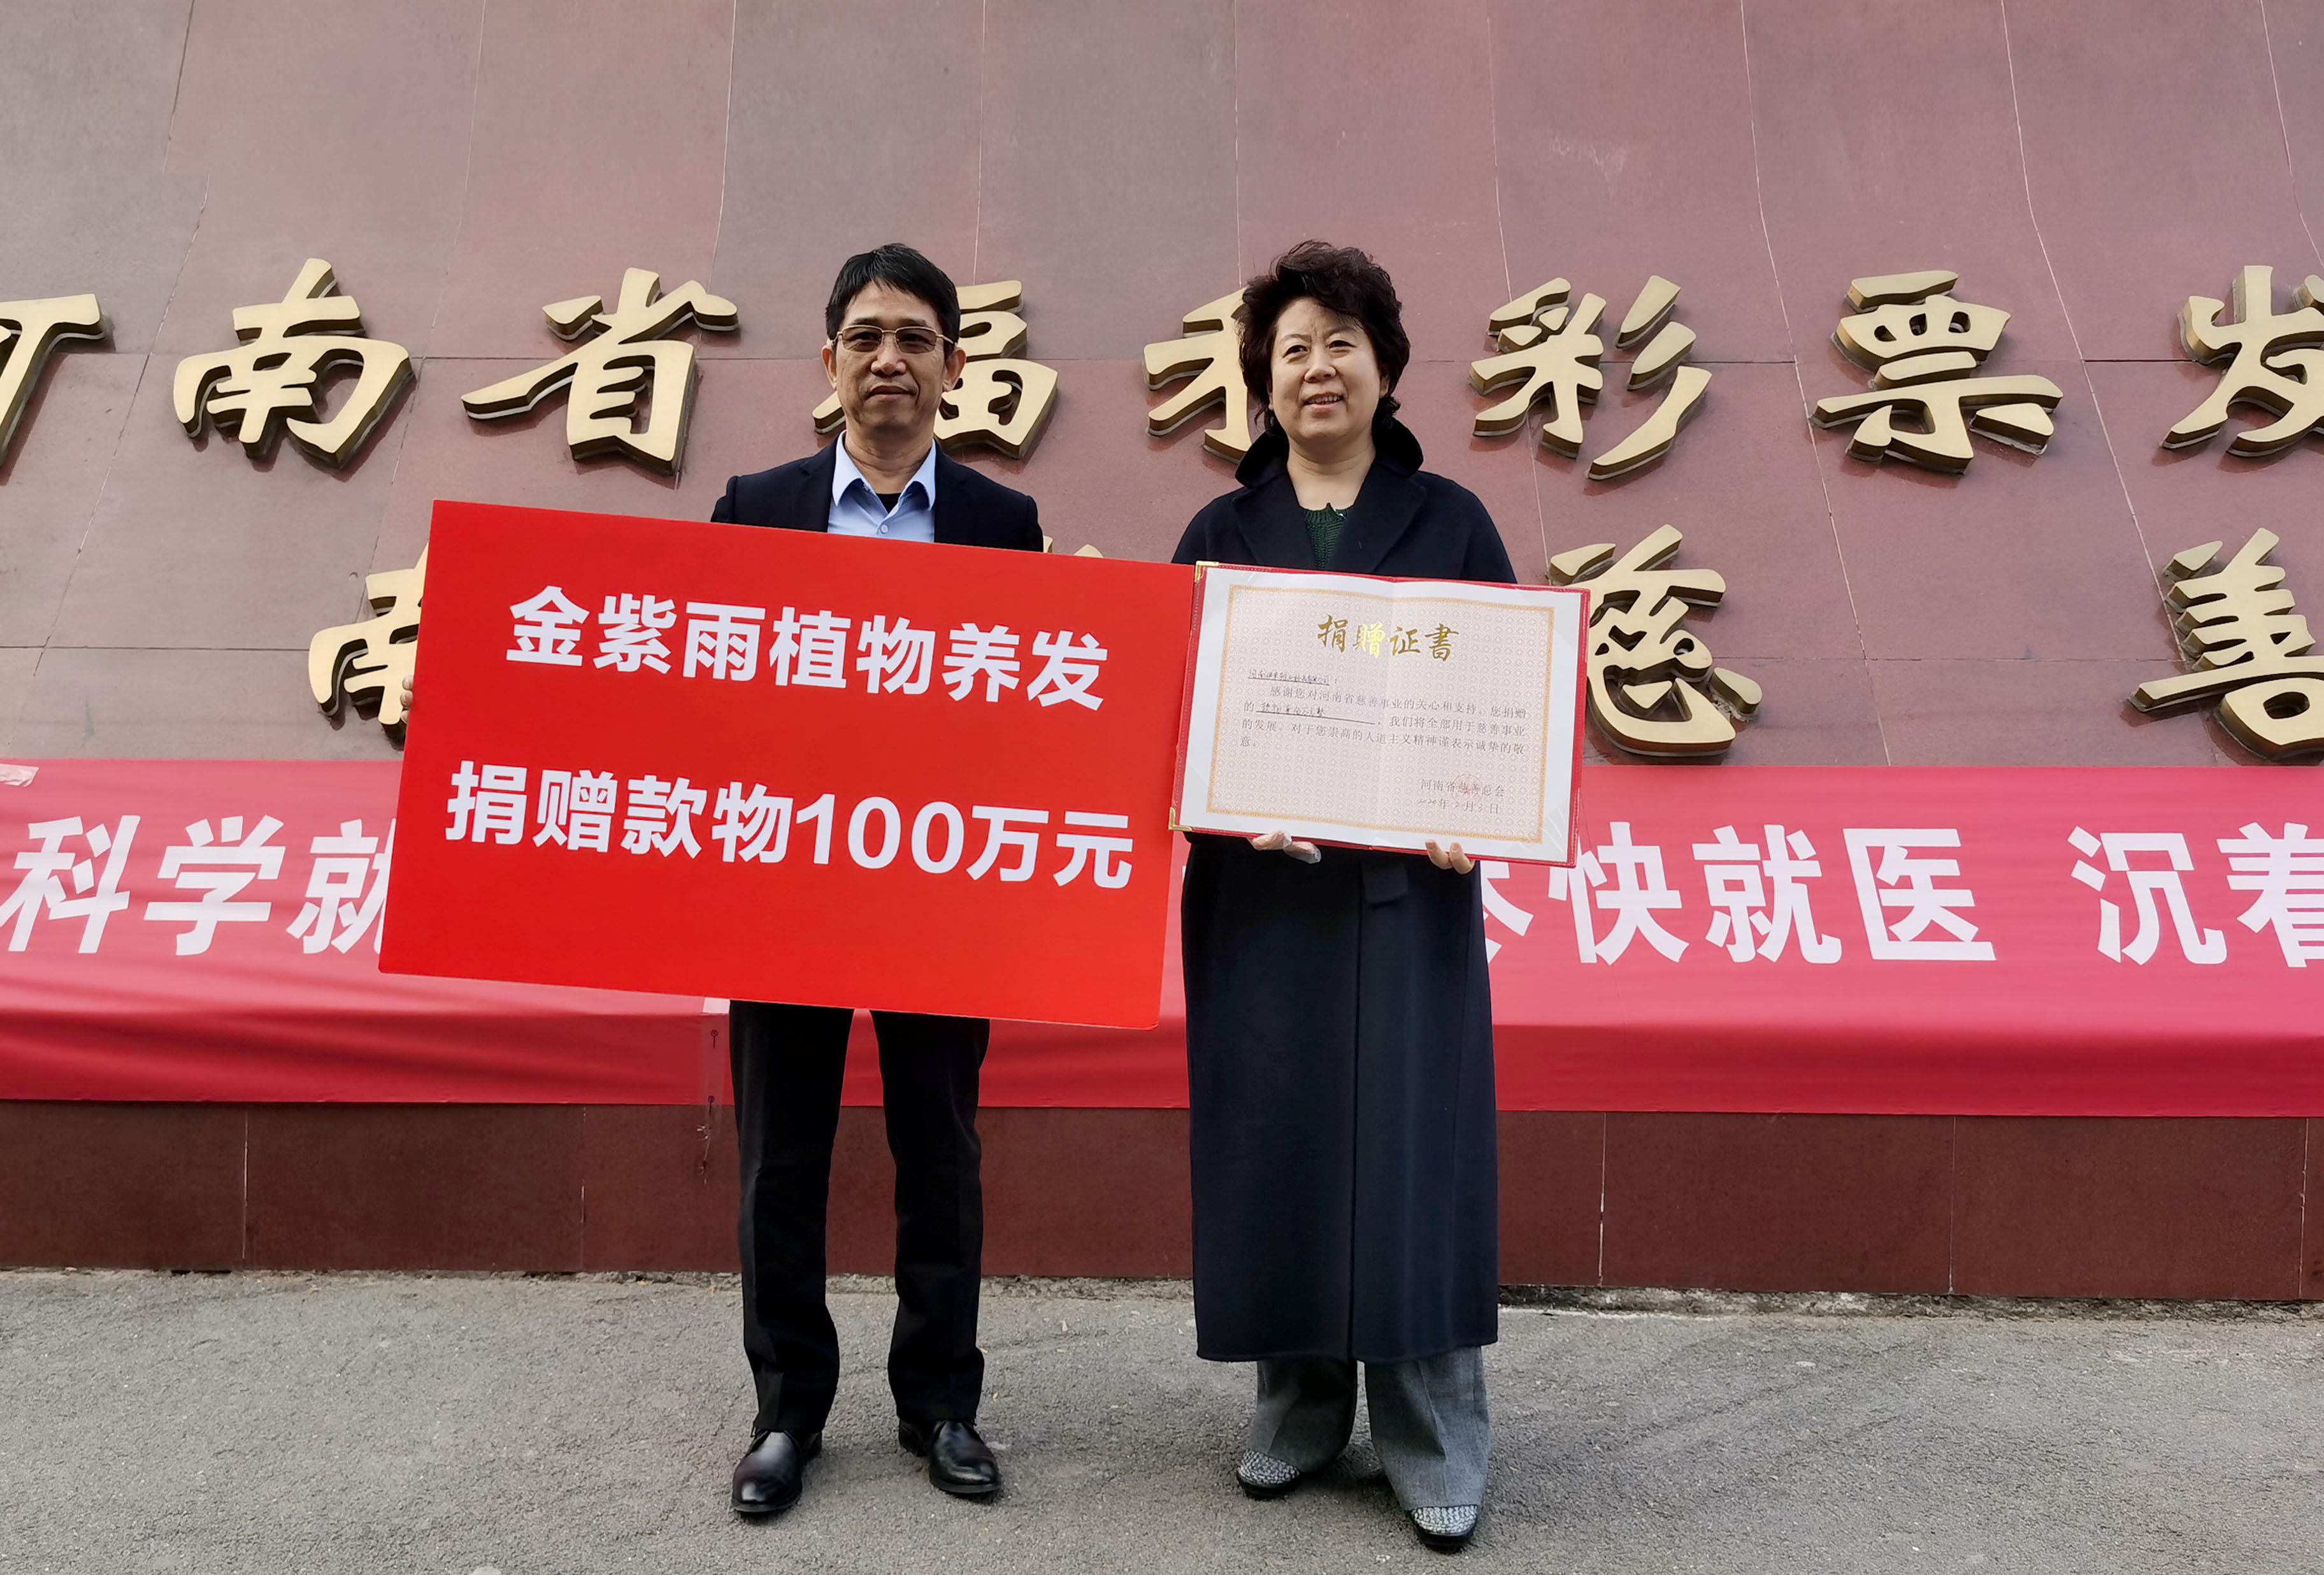 信用中国企业捐款